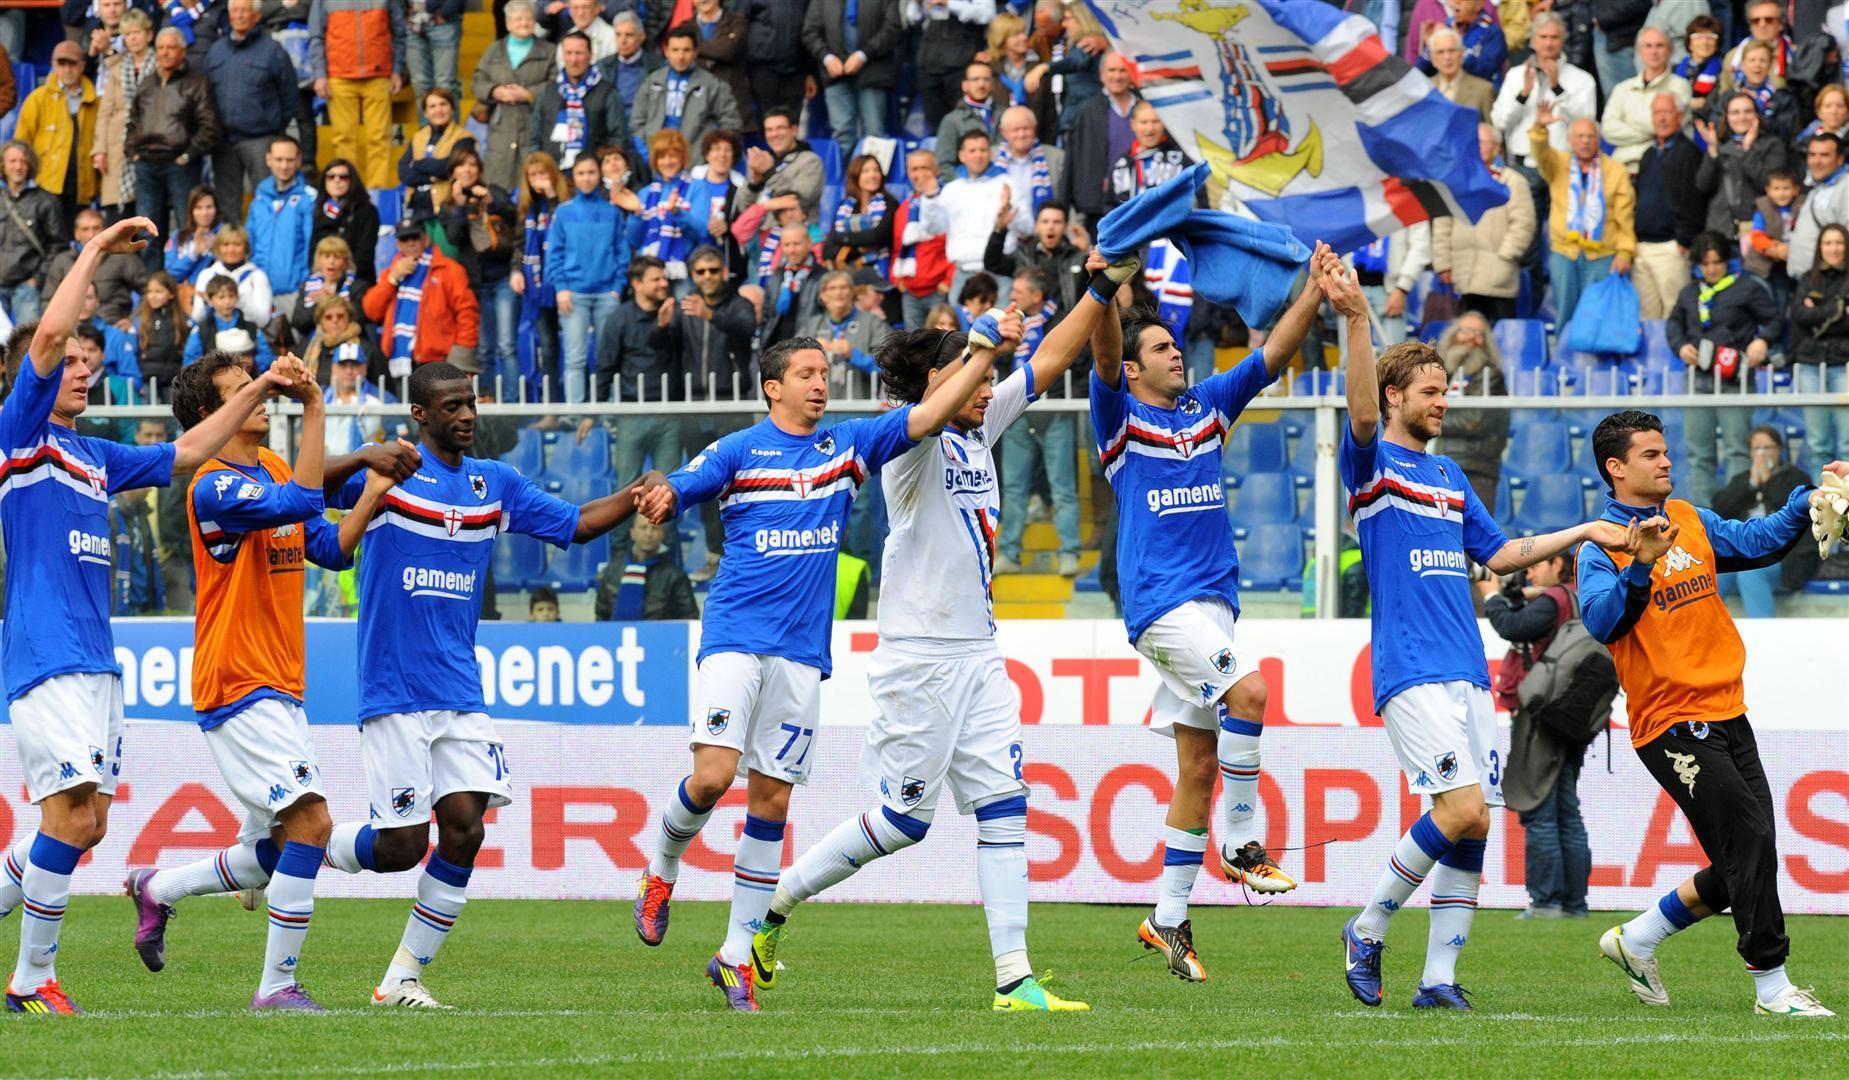 Qui Samp - Rossi porta 23 giocatori a Napoli. Out Renan e Palombo